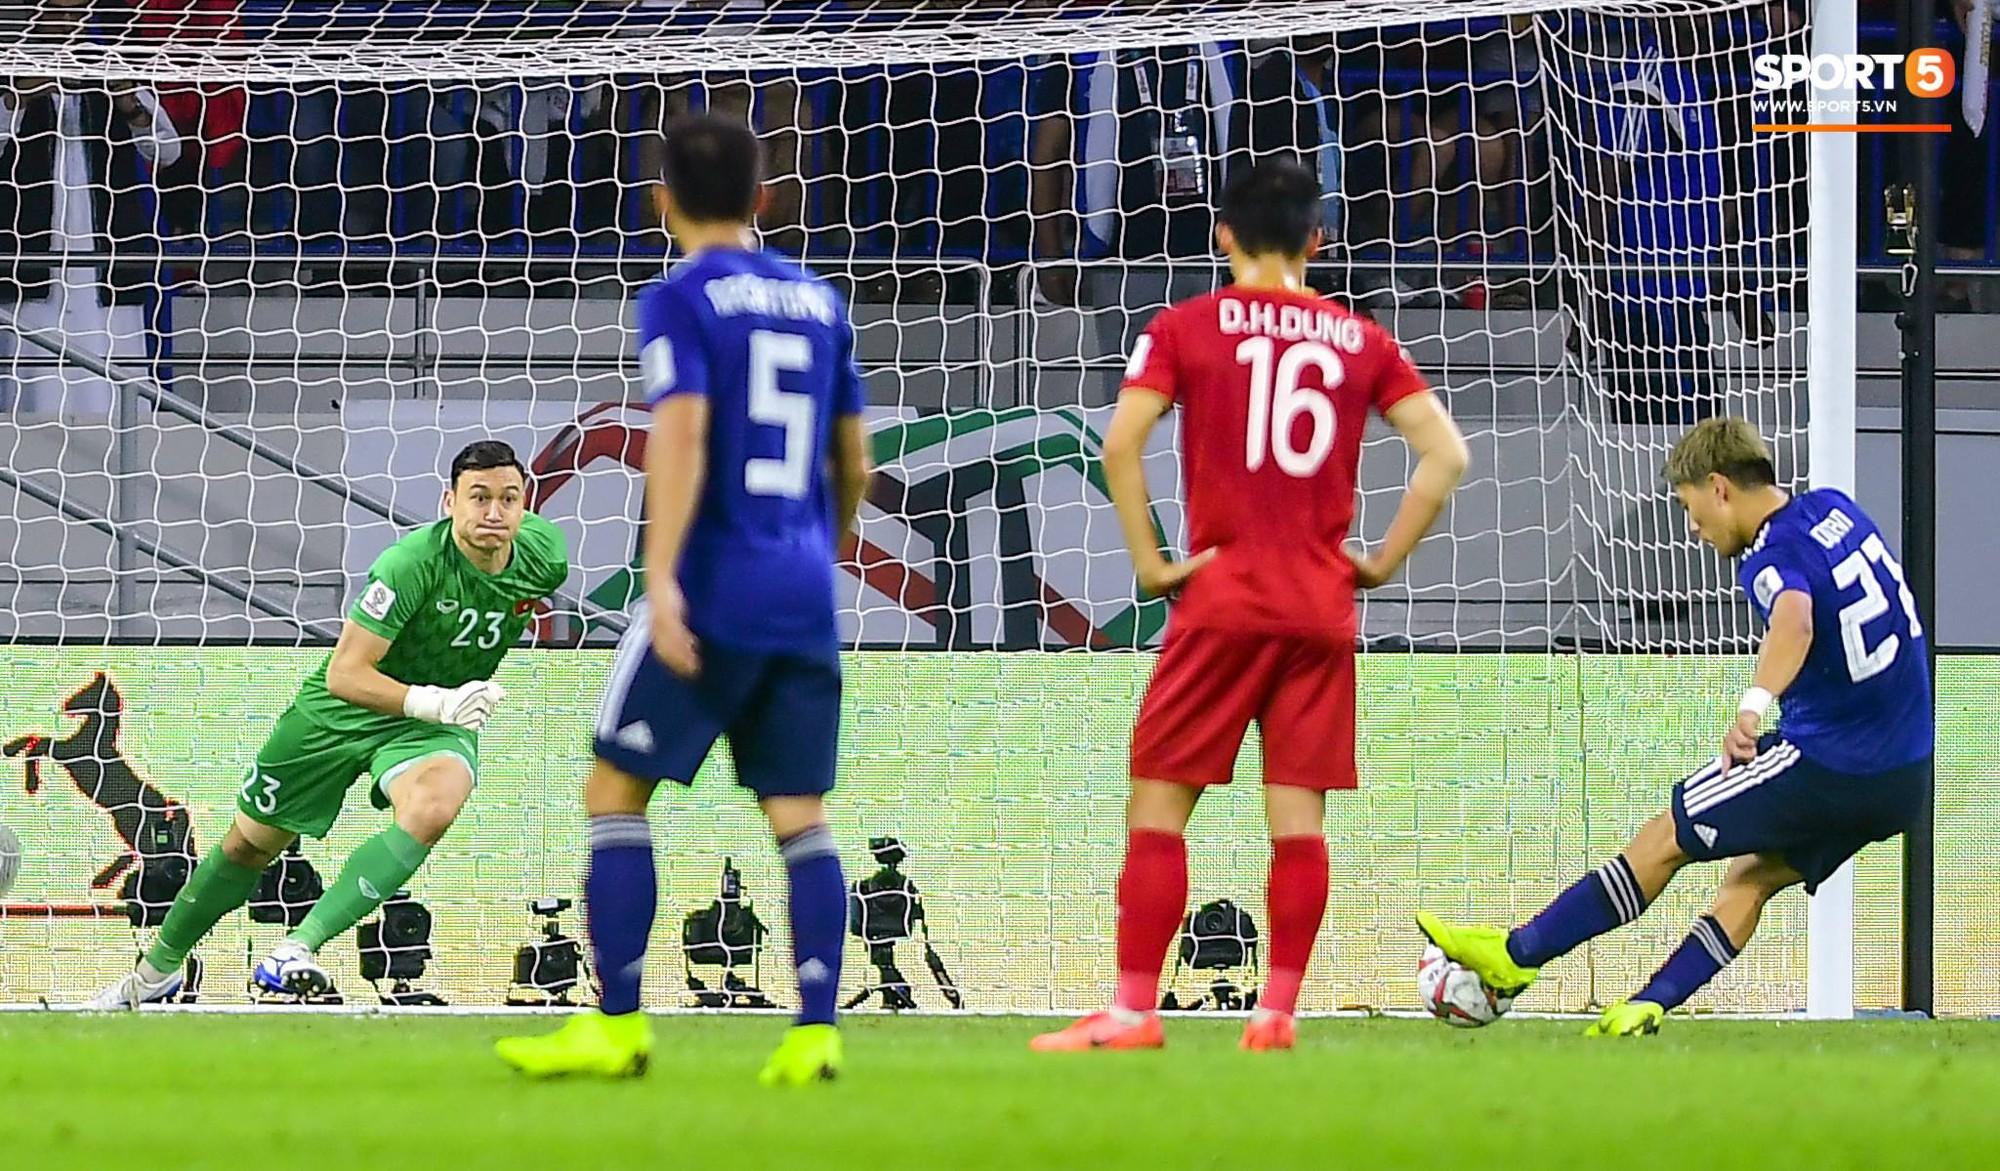 Hôm nay là một ngày... buồn cười. VAR cứu cho Việt Nam bàn thua đầu tiên nhưng cũng chính VAR lại giết chết chúng ta khi giúp Nhật Bản được hưởng quả penalty.